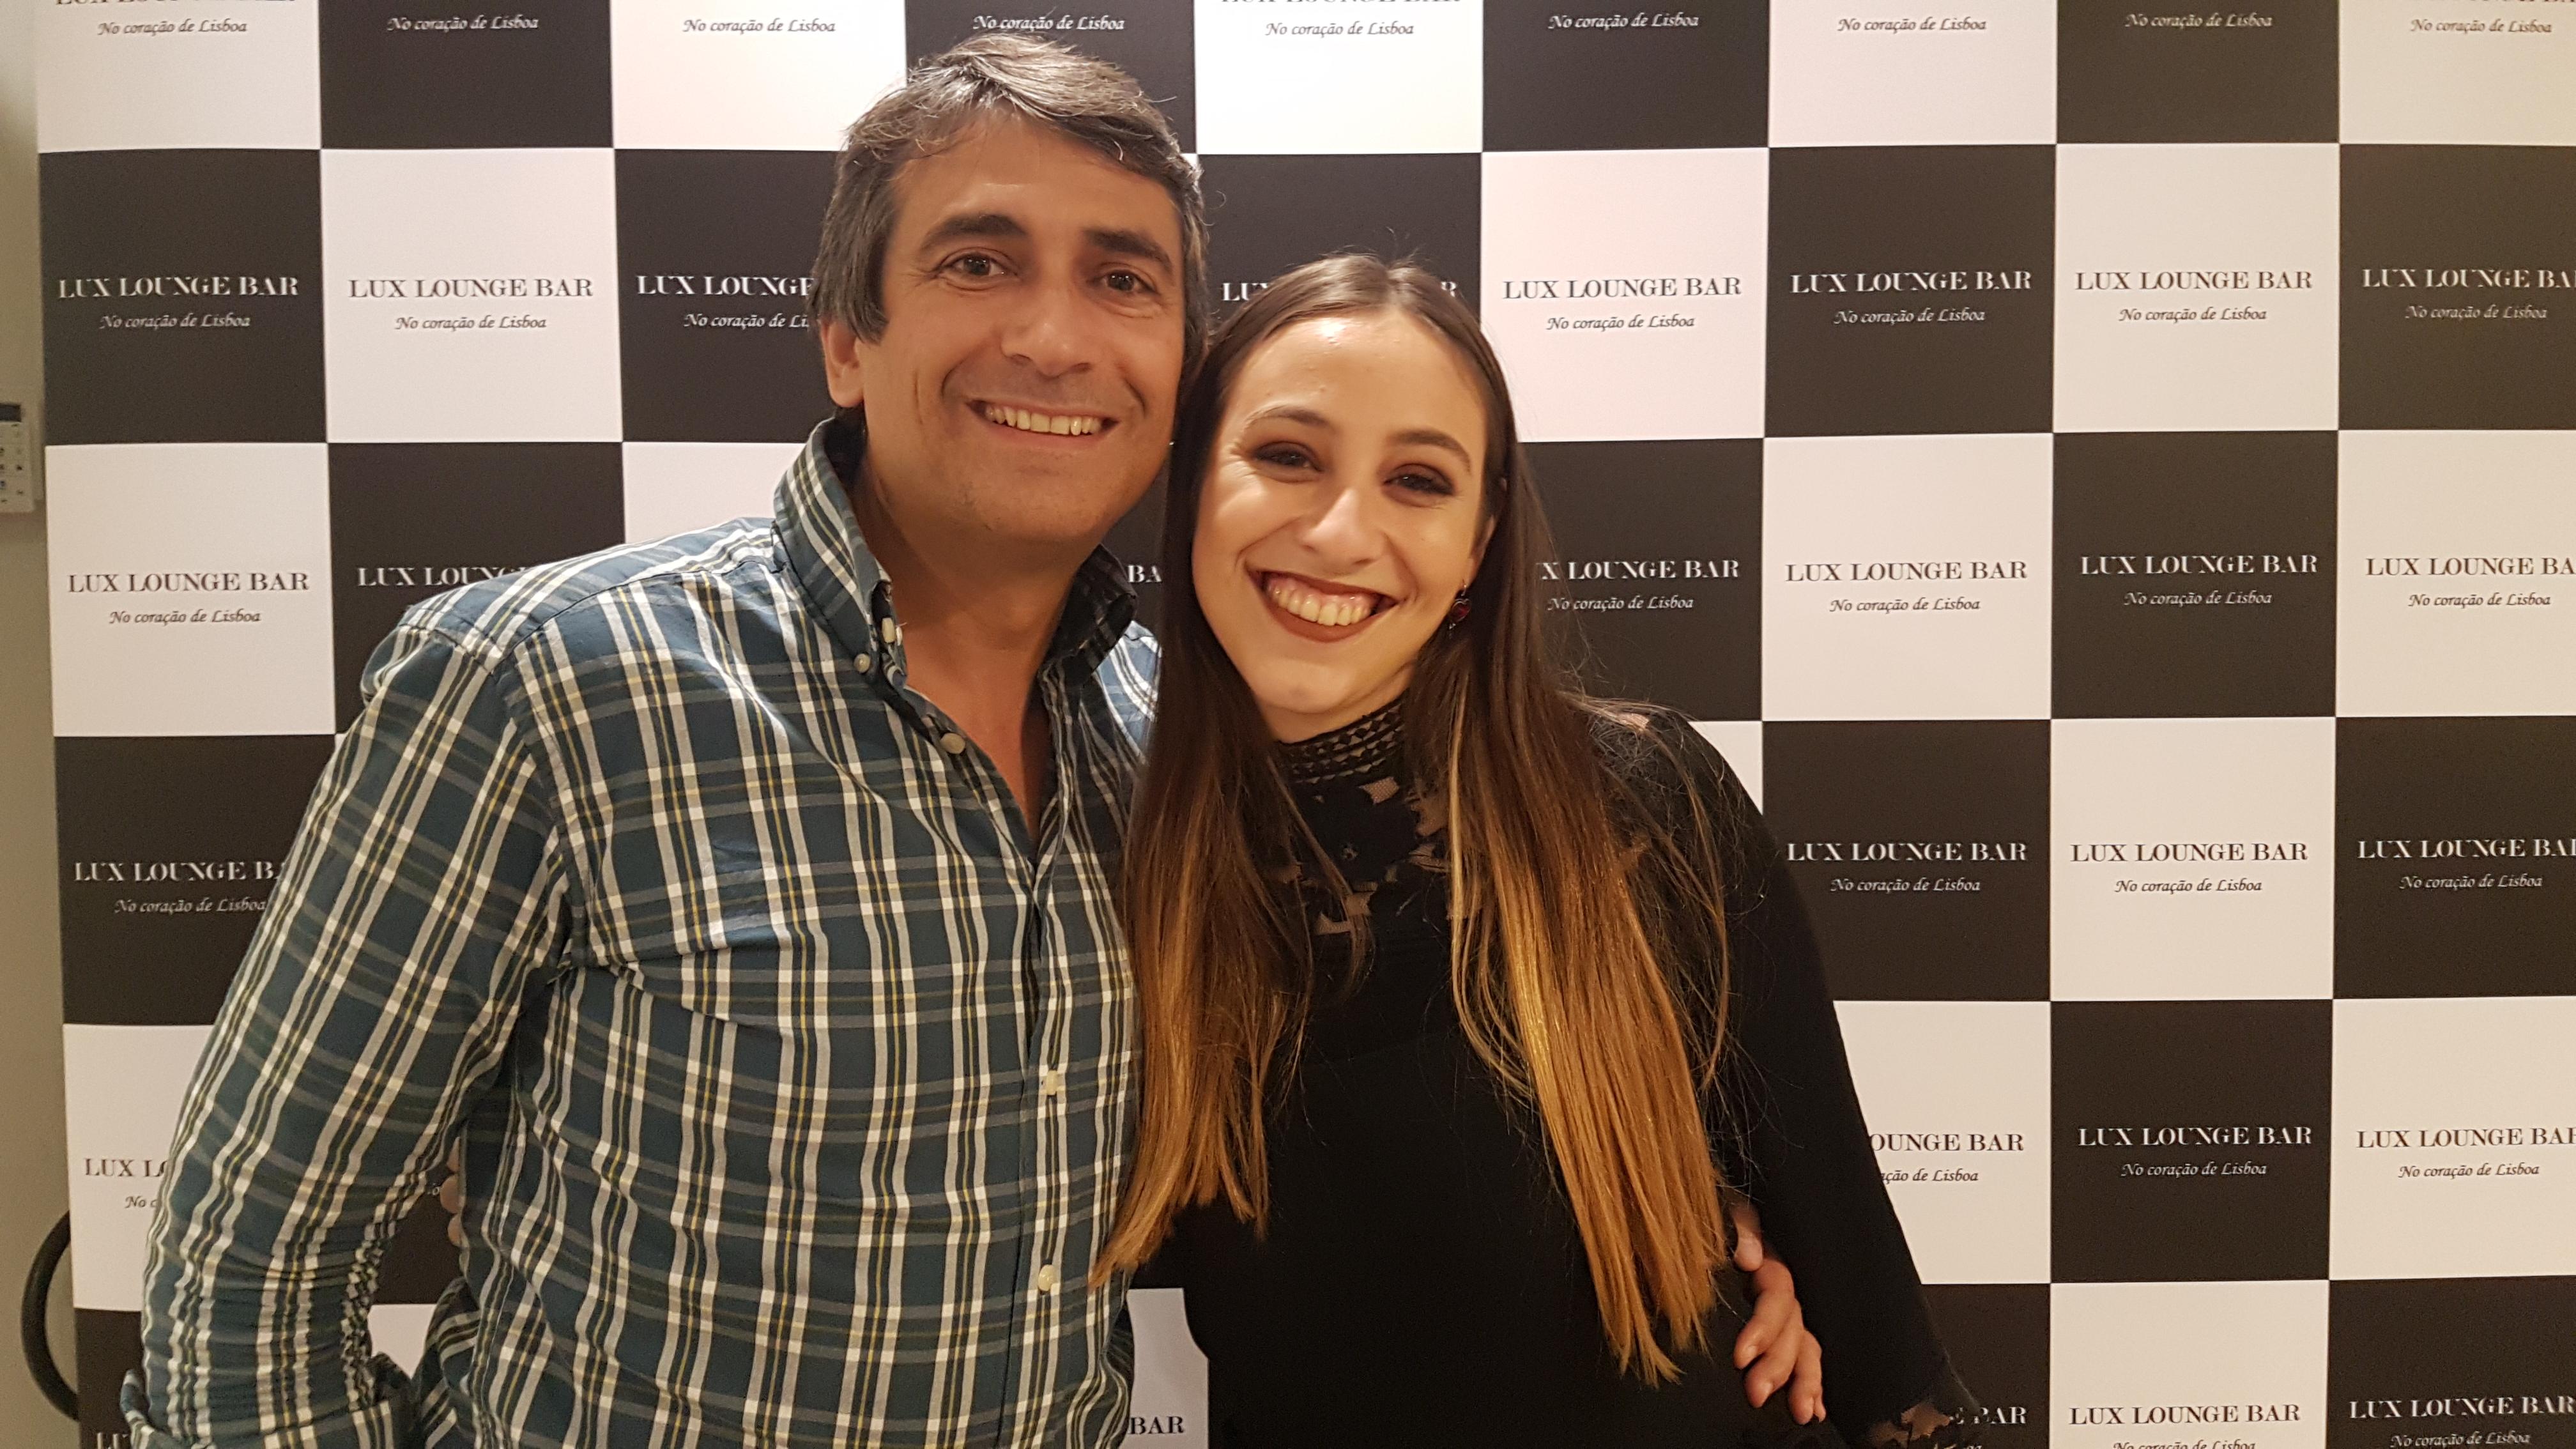 Pedro Luis e Beatriz Felizardo